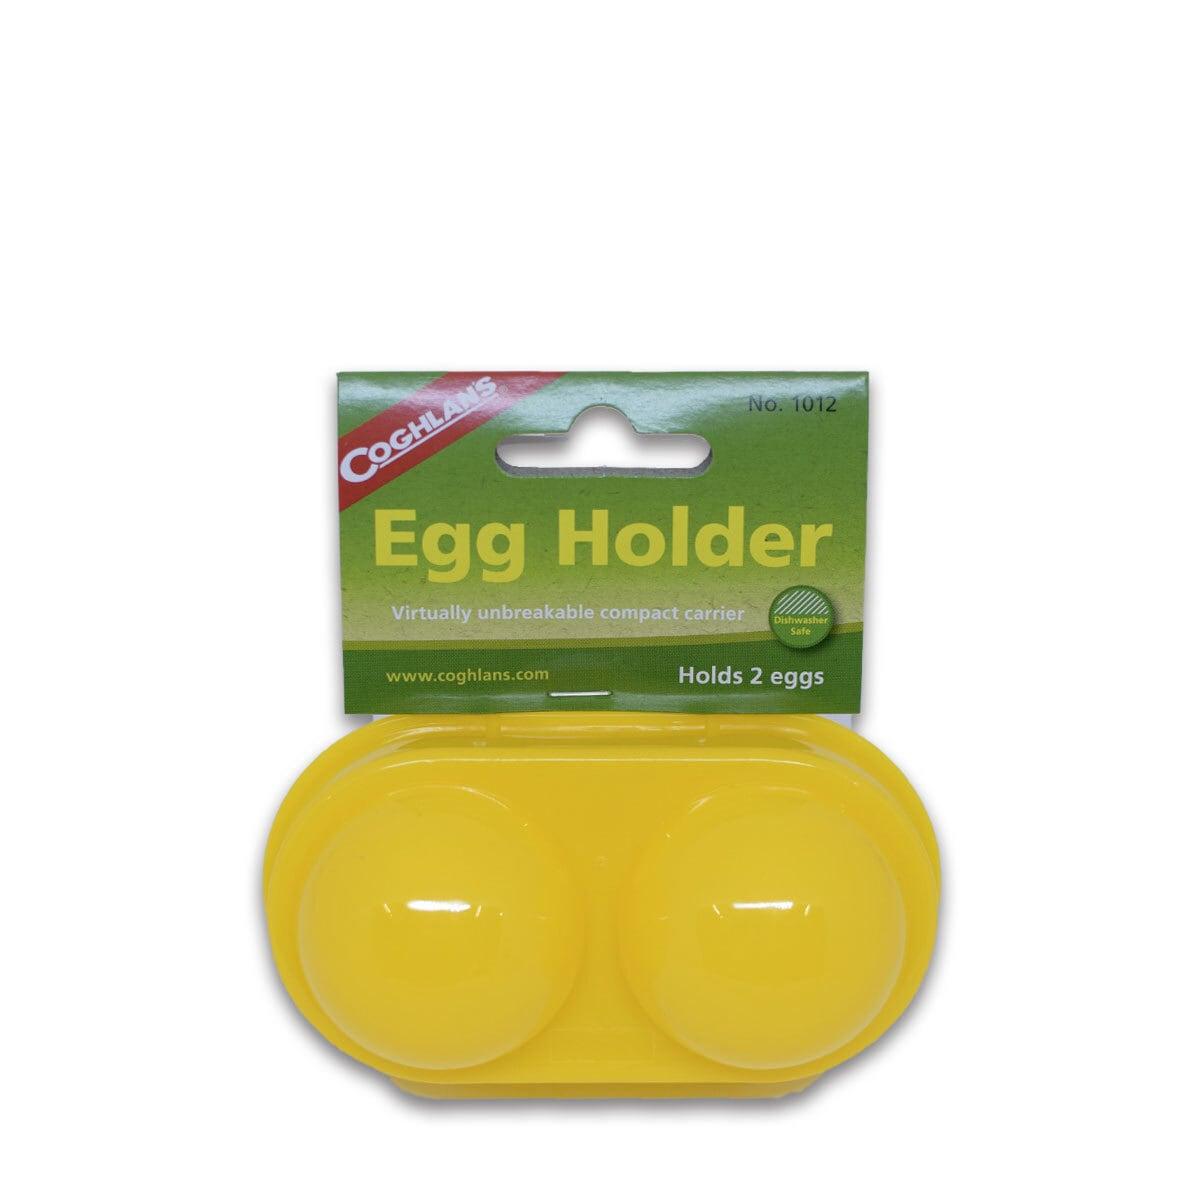 コフラン エッグホルダー 2エッグ